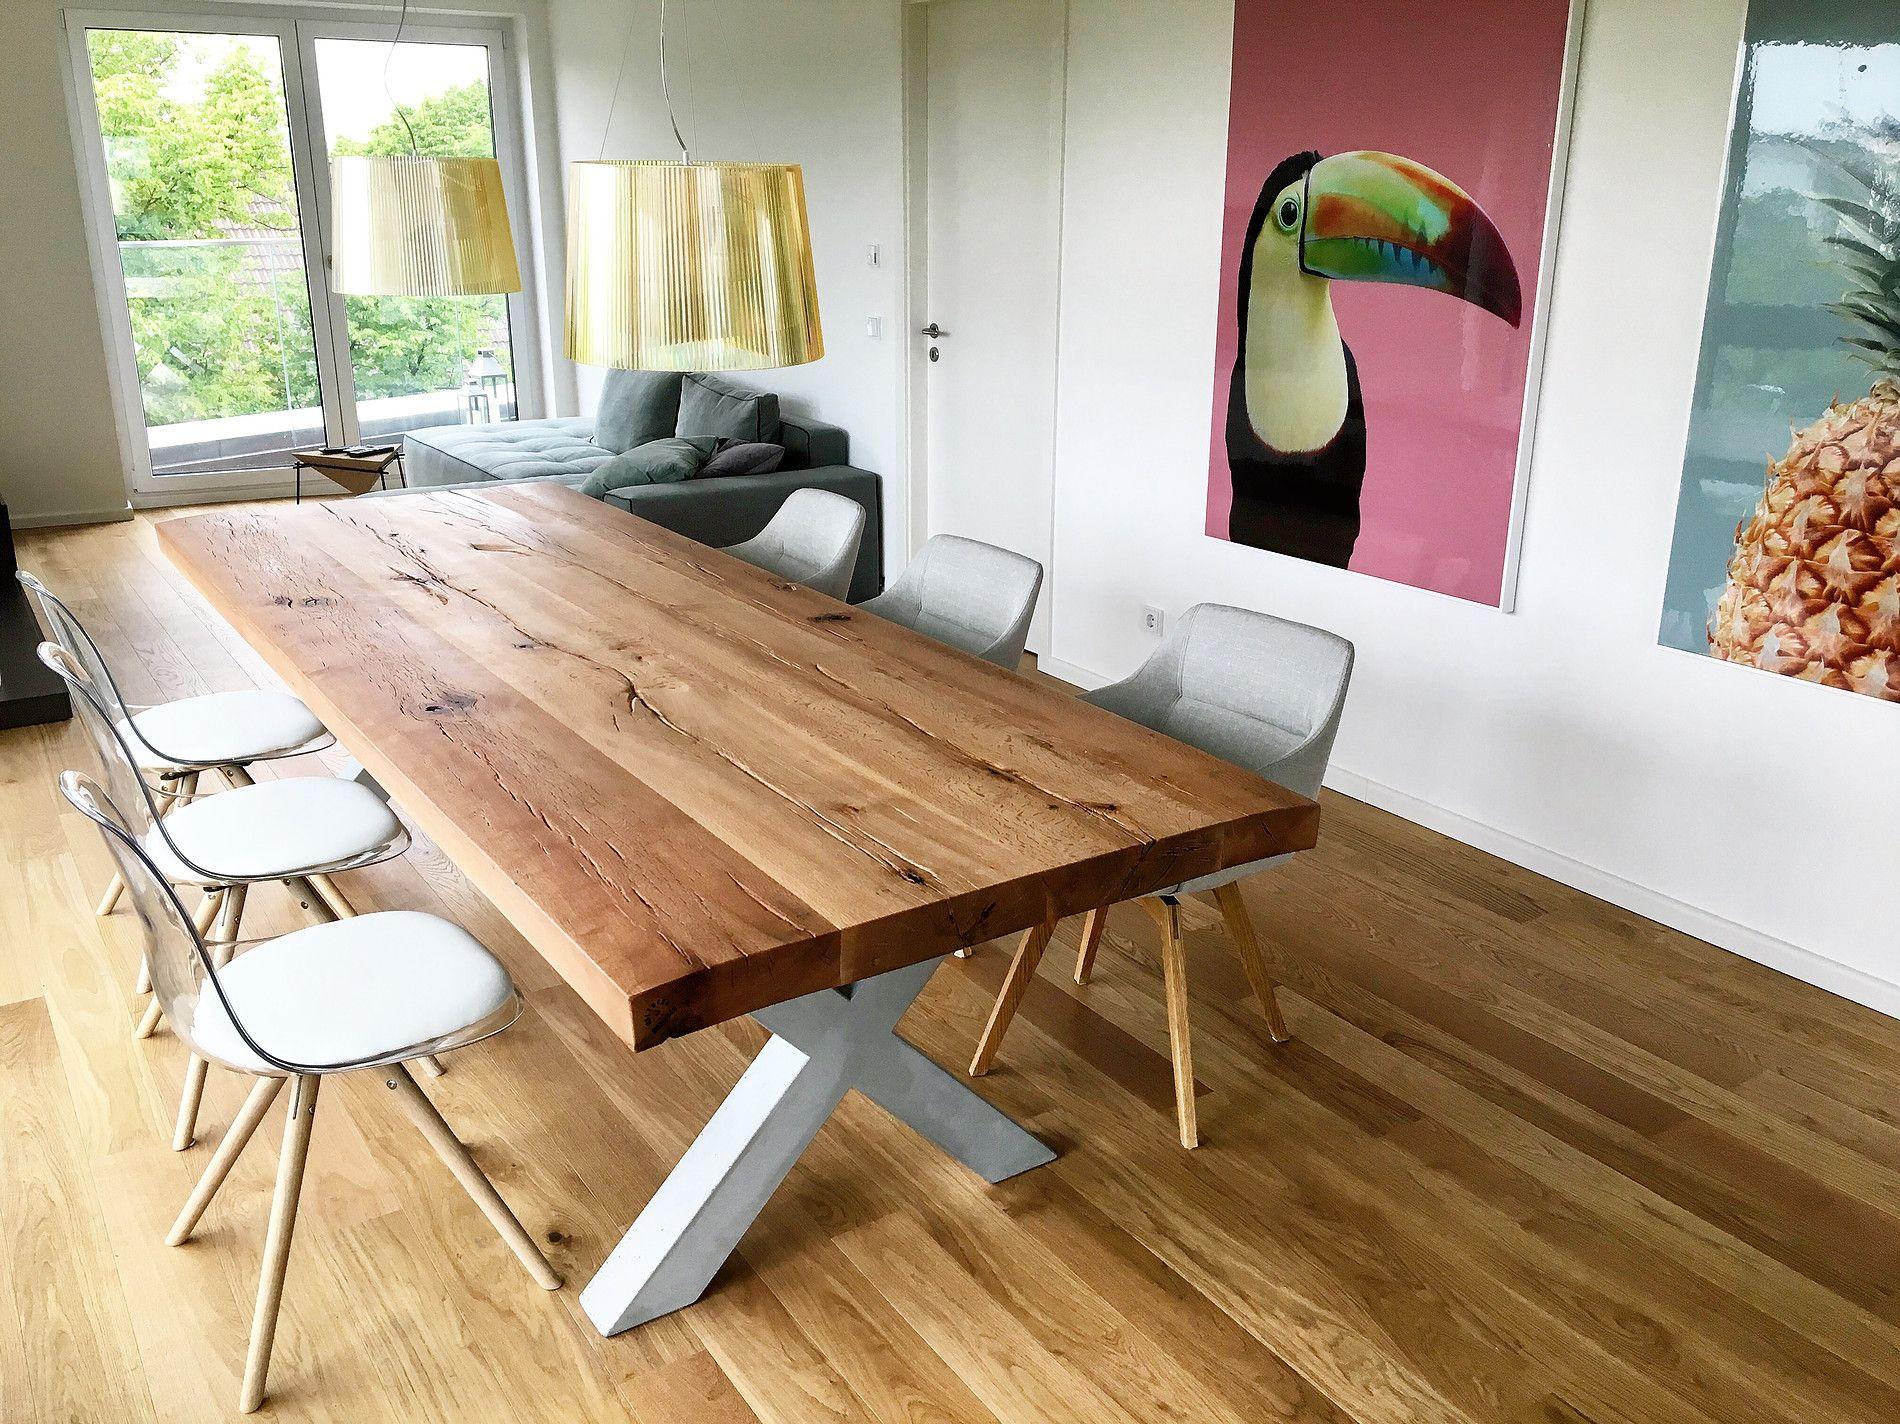 beton esstisch beautiful endo esstisch linea ausziehbar erweiterbar kchentisch sulentisch. Black Bedroom Furniture Sets. Home Design Ideas